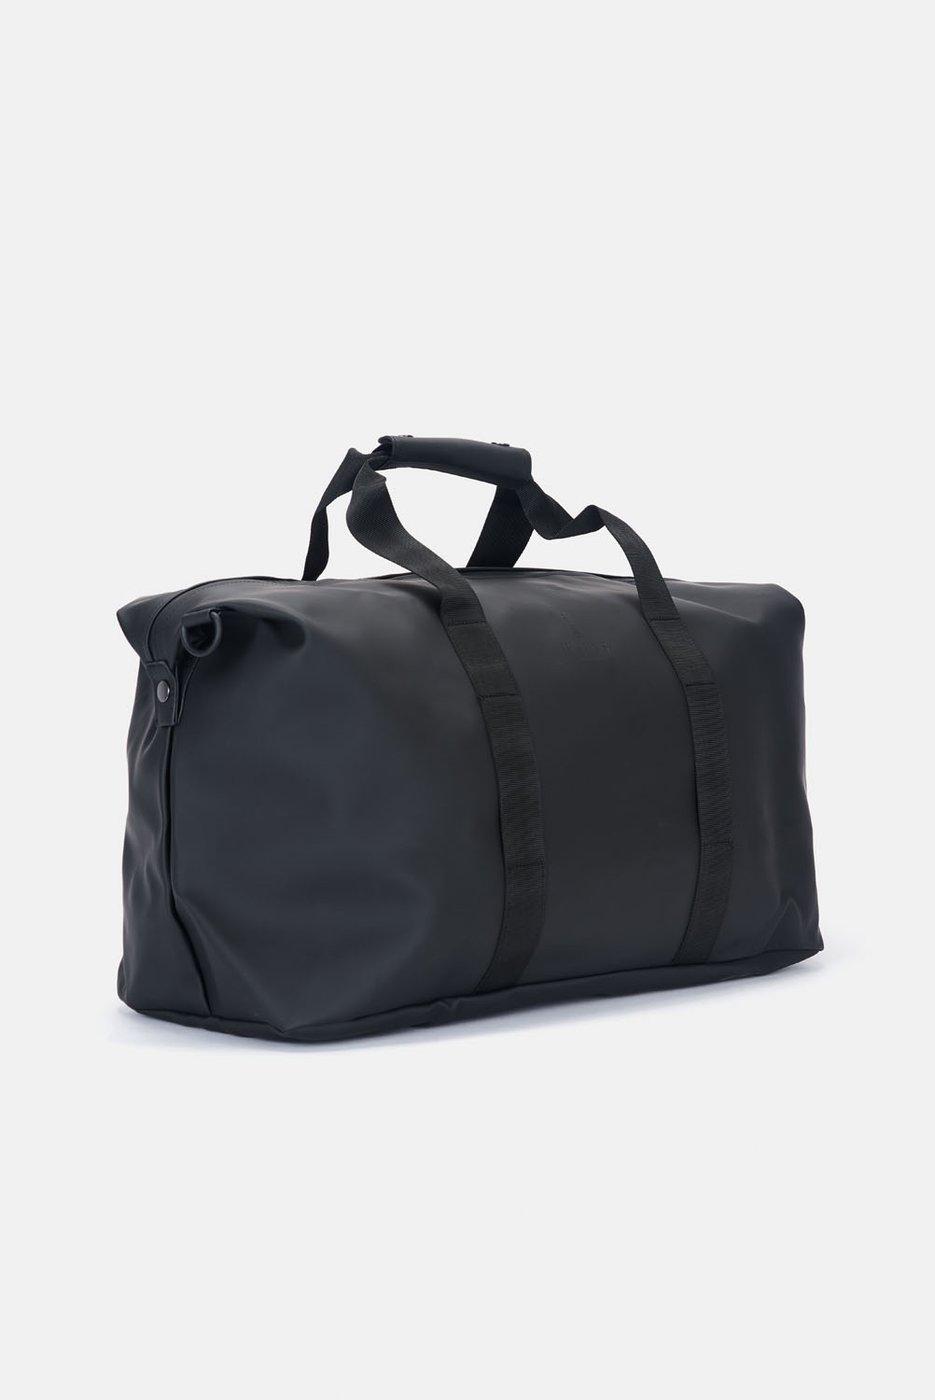 Weekend_Bag-Bags-1286-6_1400x1400.jpg